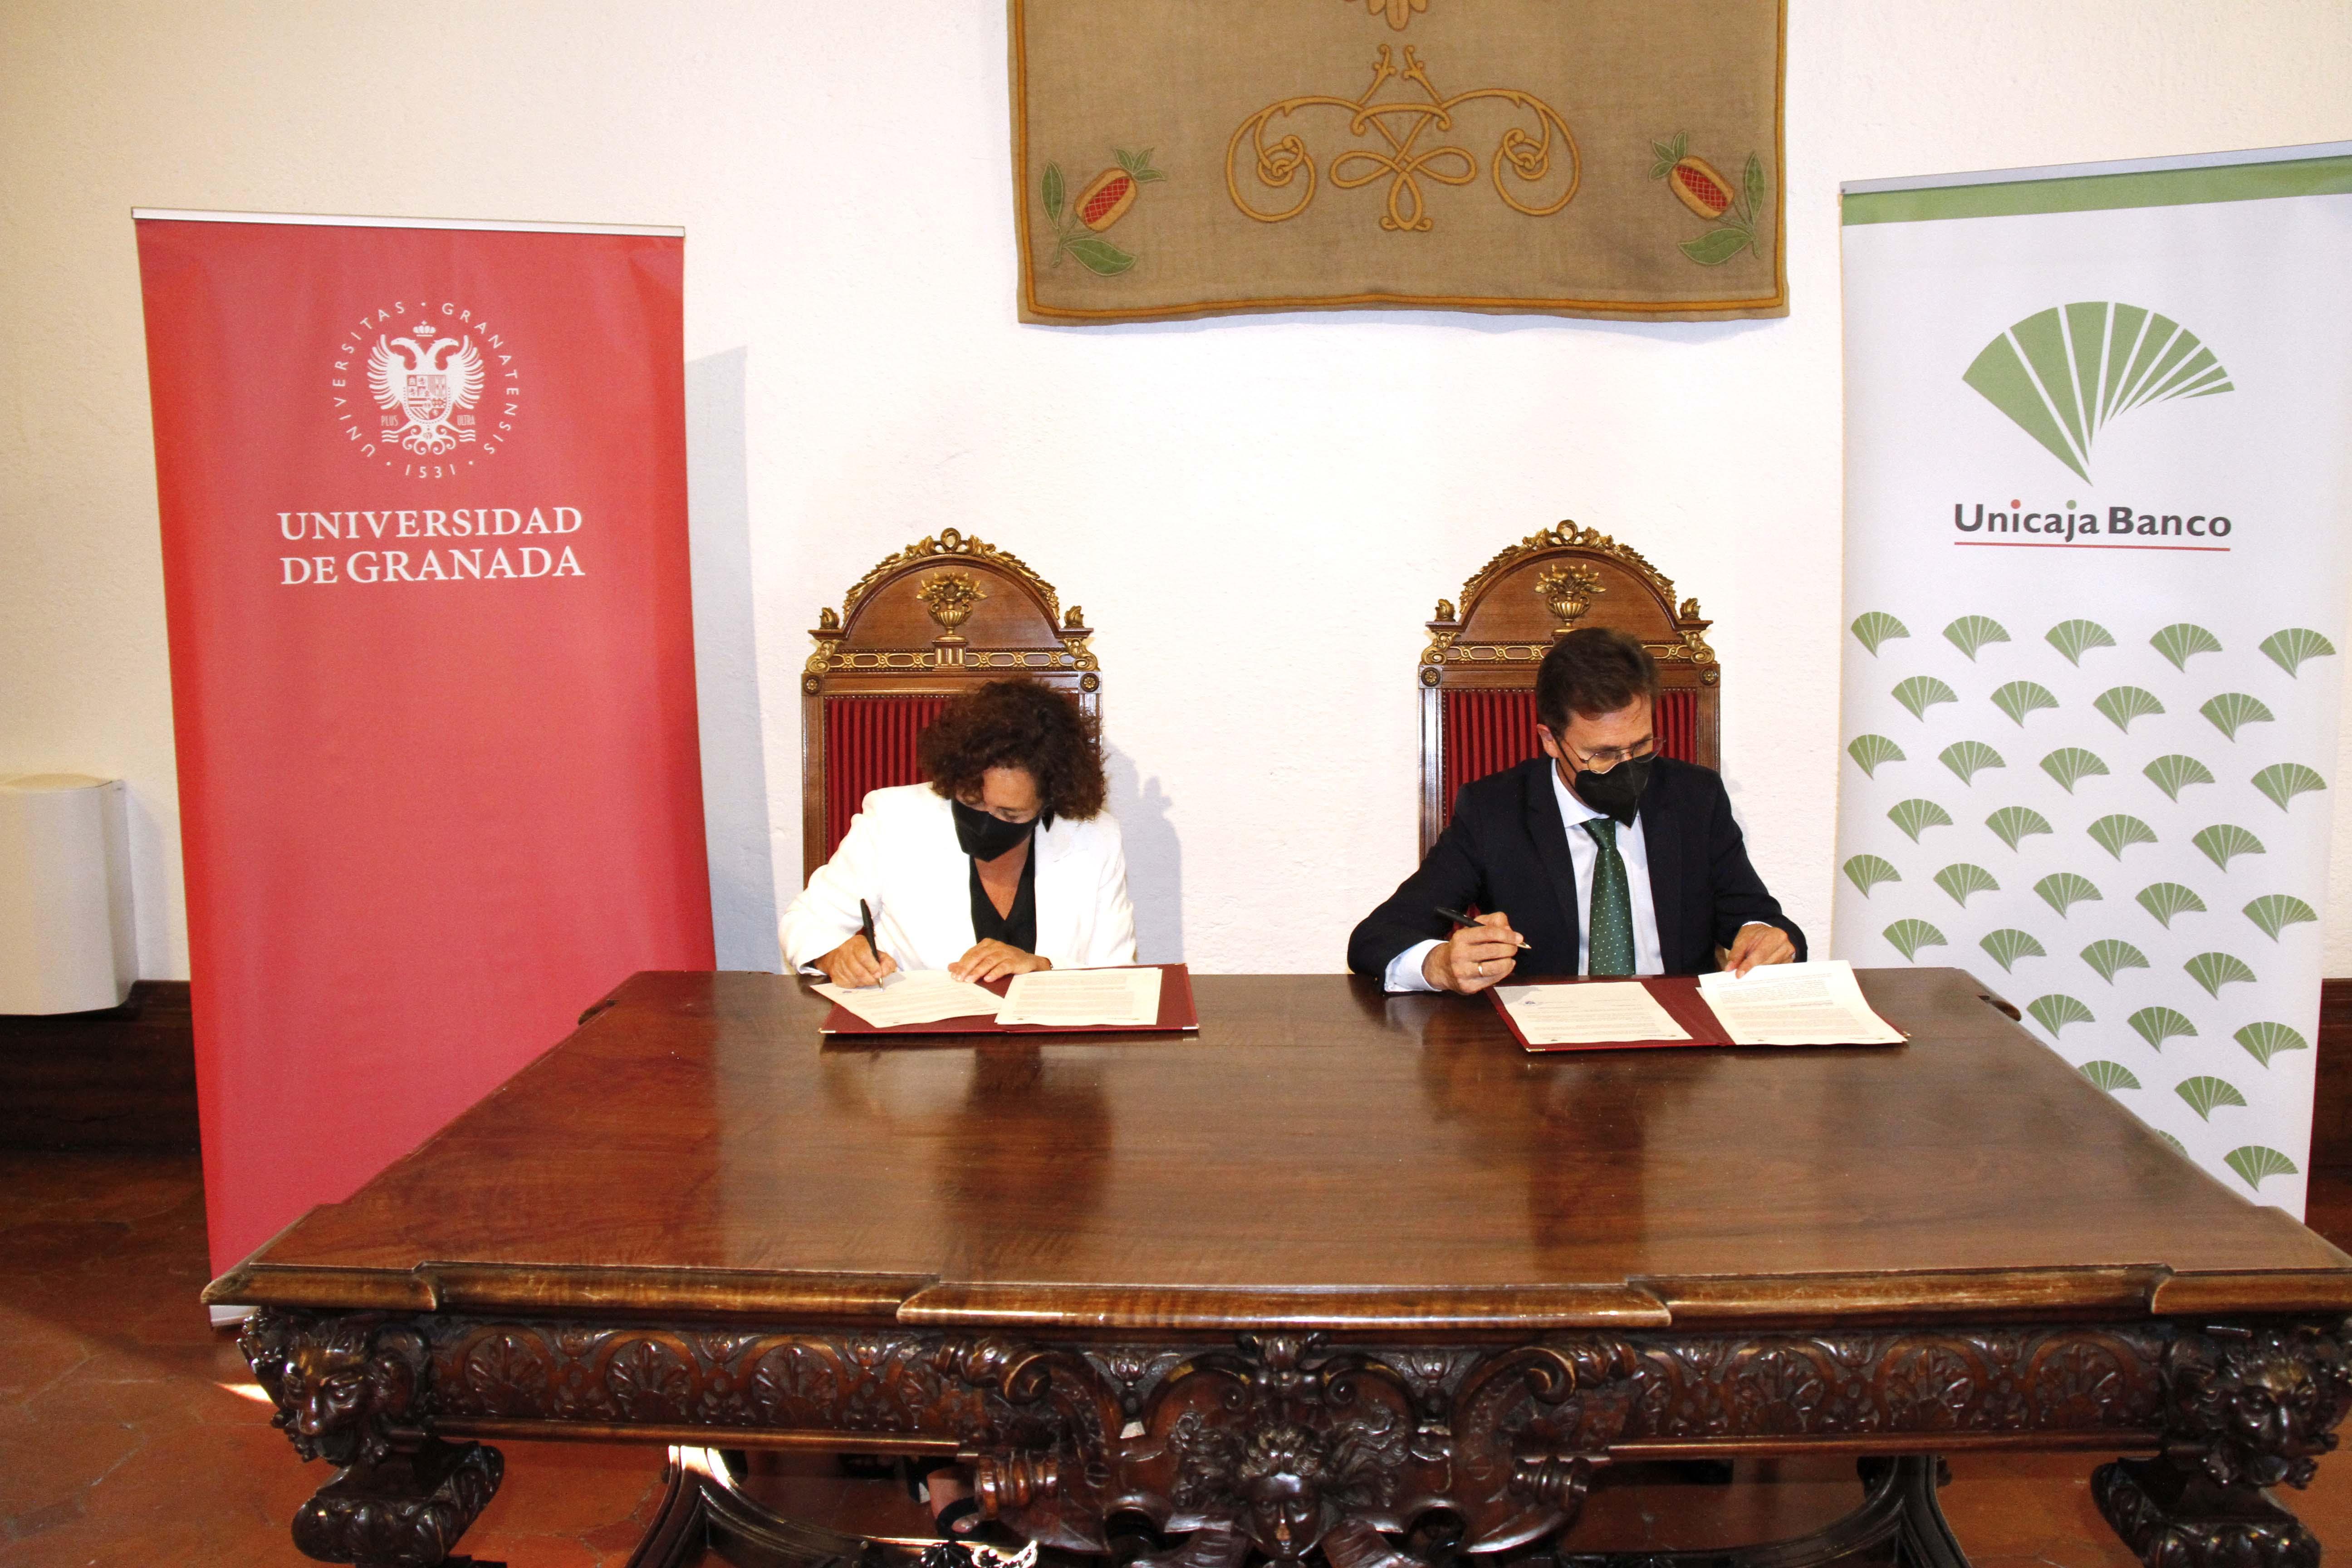 Unicaja Banco ofrece un año más a los estudiantes de la UGR una línea de financiación de dos millones de euros, con un 0% de interés, para facilitarles el pago de la matrícula